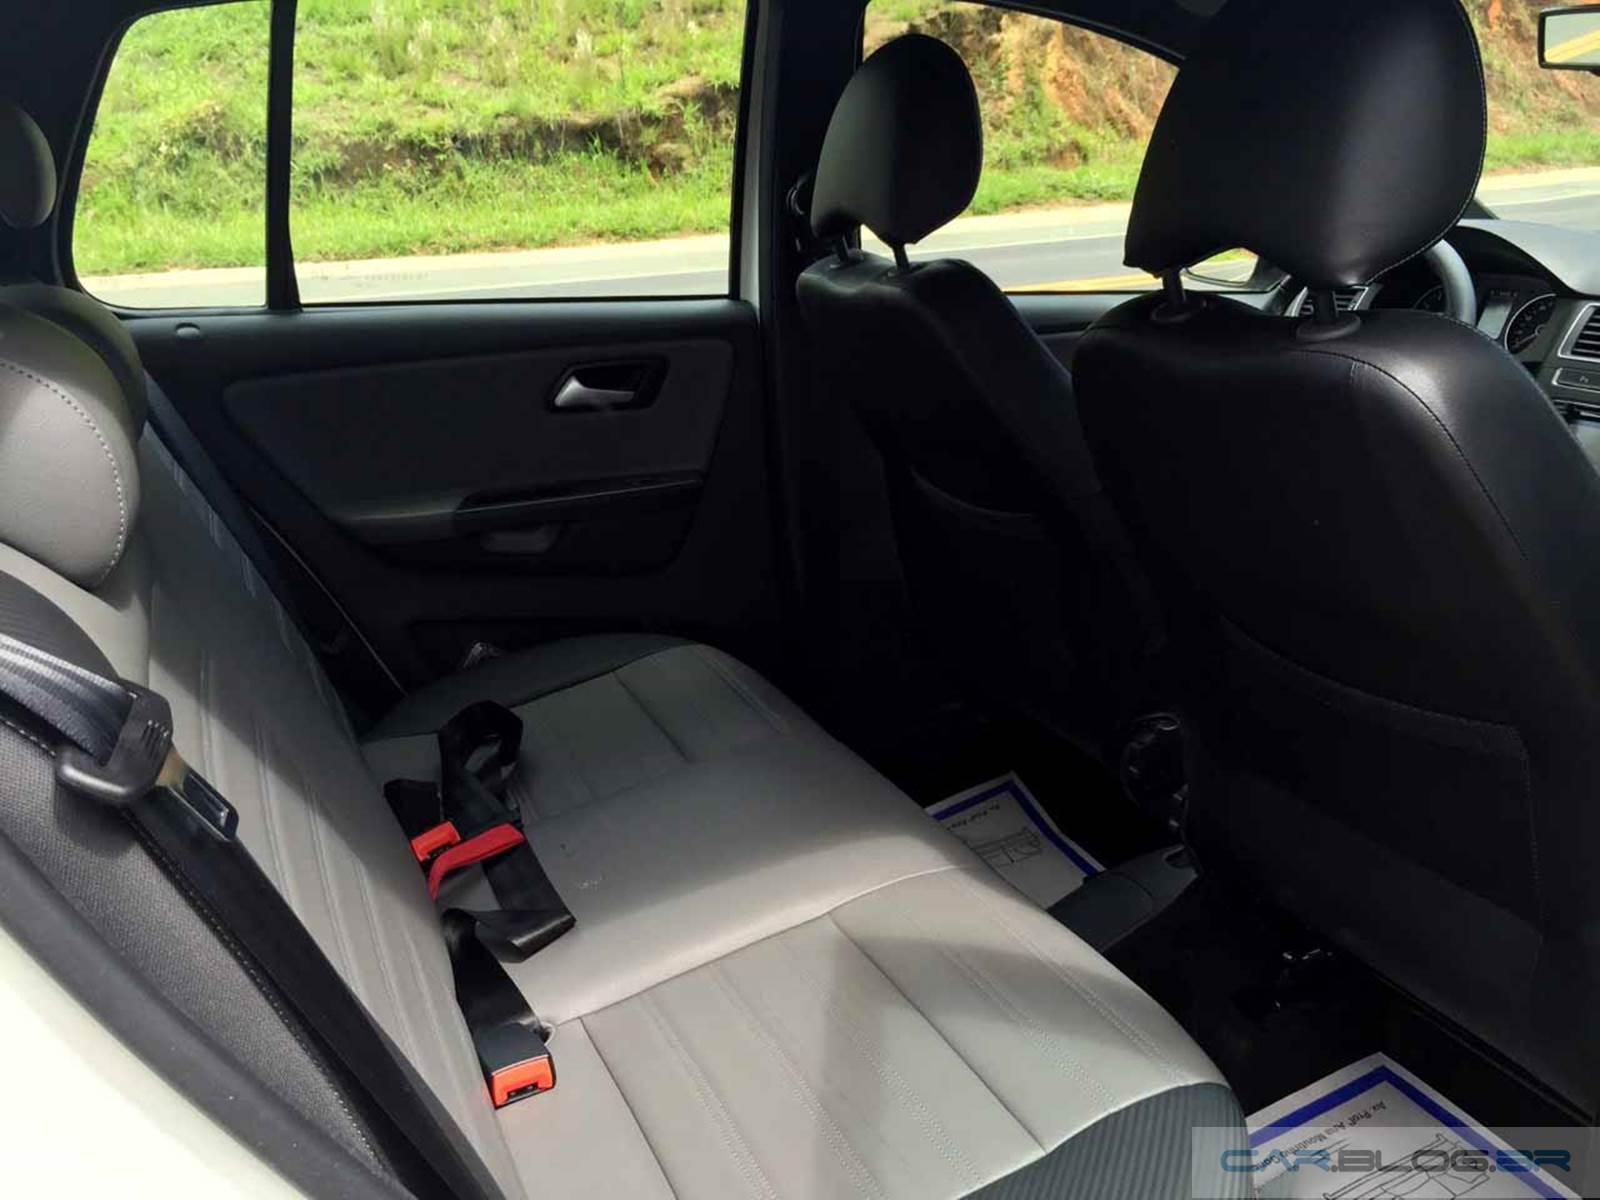 VW CrossFox I-Motion 2016 - espaço traseiro